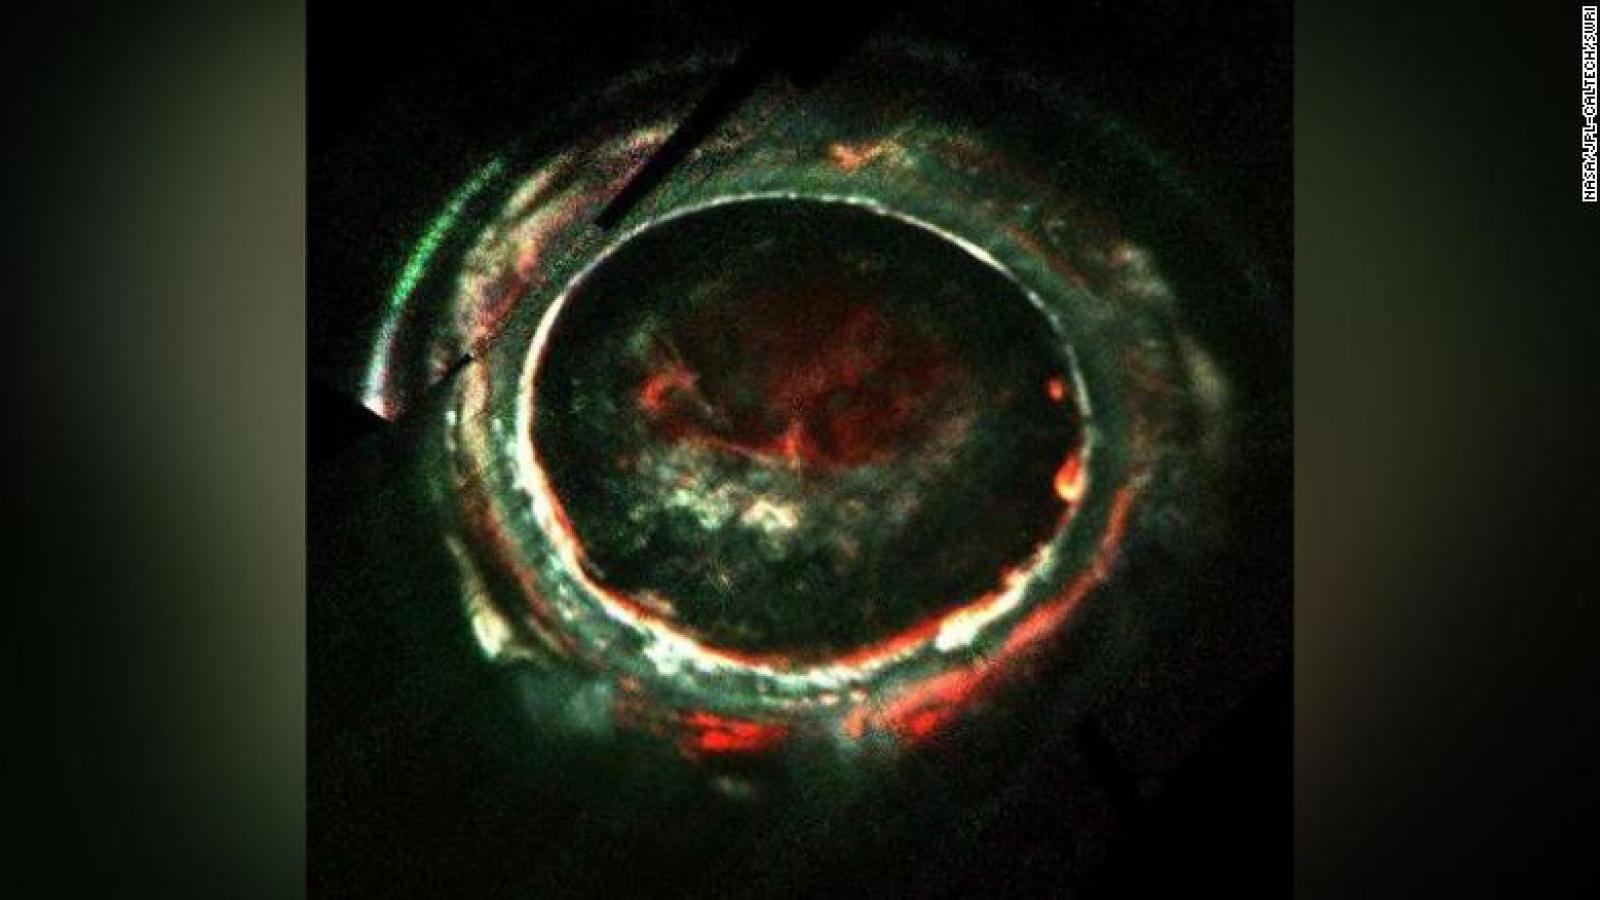 Giải mã bí ẩn cực quang trên sao Mộc sau hơn 40 năm